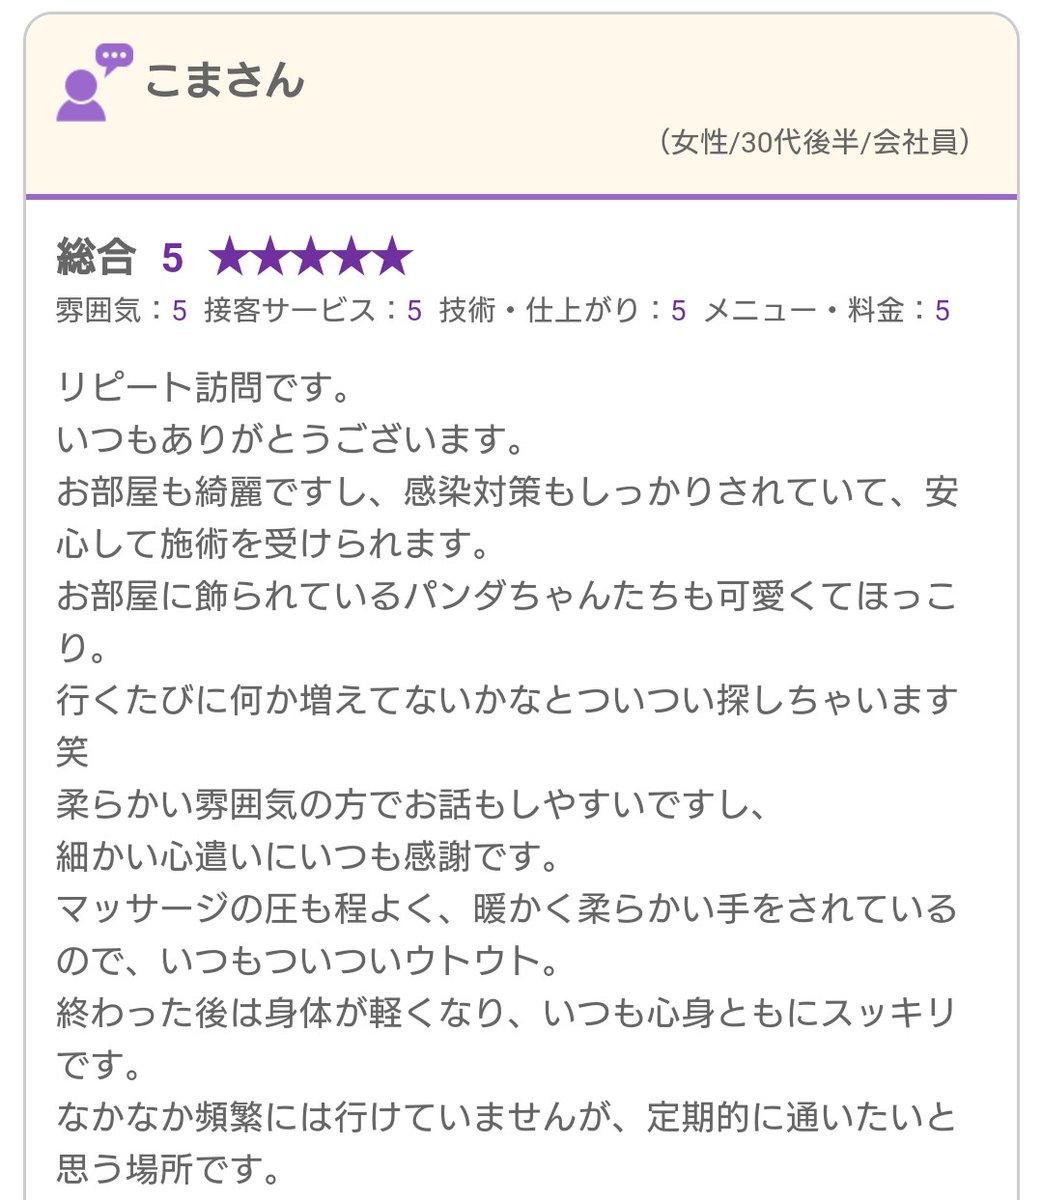 お客様の口コミ🥰💕渋谷リンパマッサージクチコミ1位🥇🎉当サロンのお客様の口コミを紹介します👀💕❤️こま様❤️素敵な口コミ本当にありがとうございます💕#アロママッサージ #オイルマッサージ #マッサージ行きたい #リンパマッサージ #マッサージうけたい